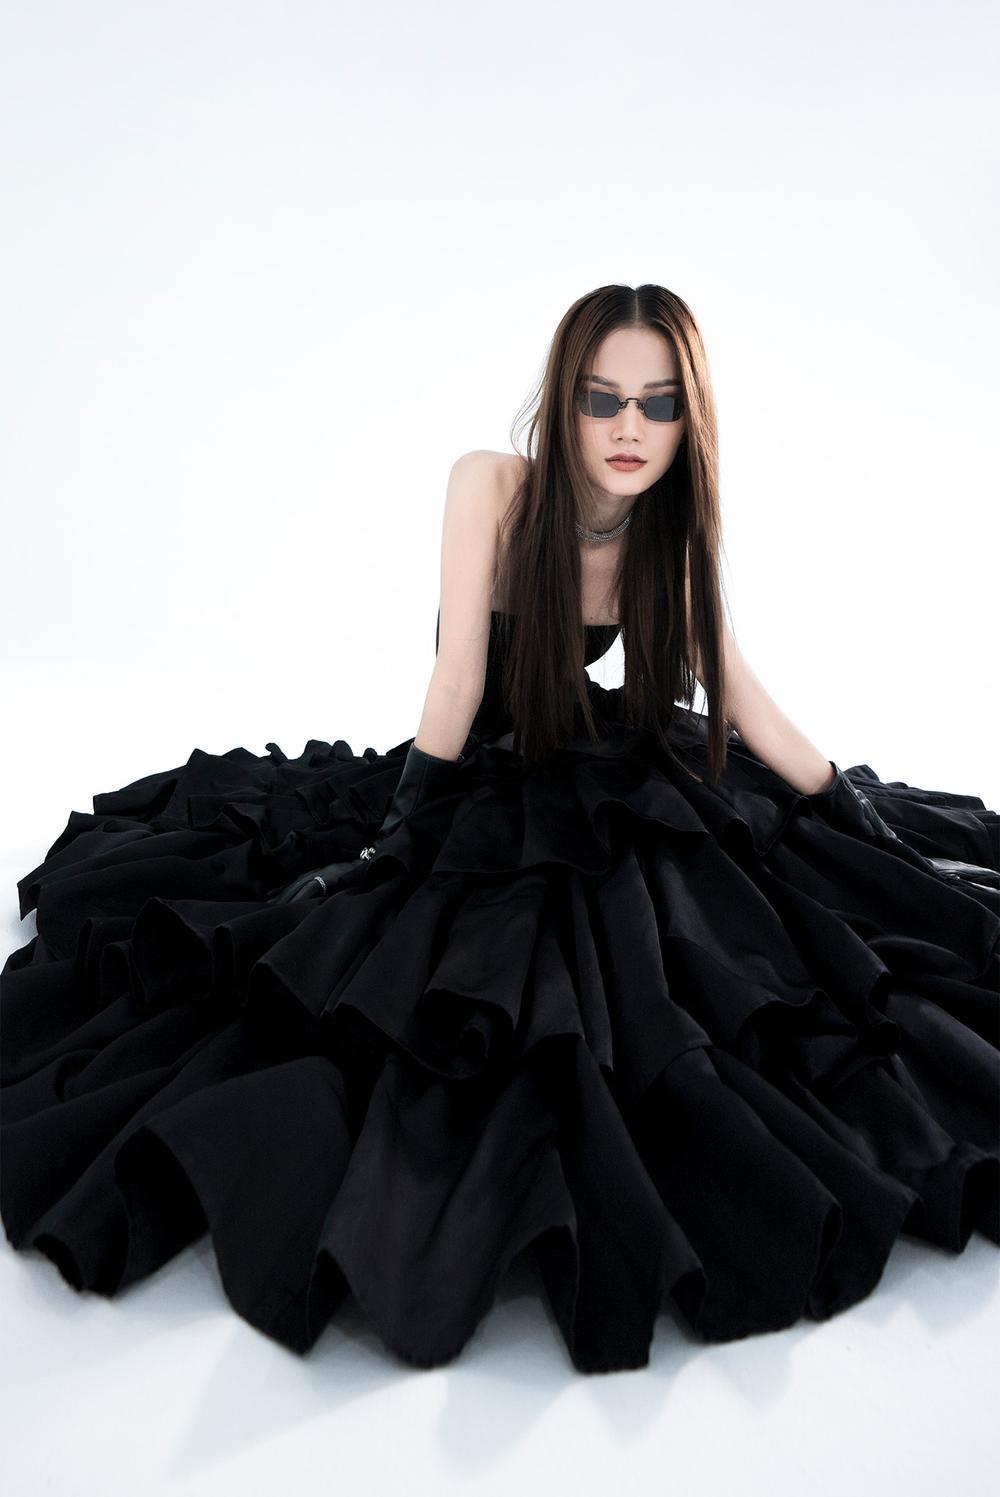 NTK Trần Hùng ra mắt BST tại London Fashion Week, chỉ dùng một người mẫu duy nhất Ảnh 3